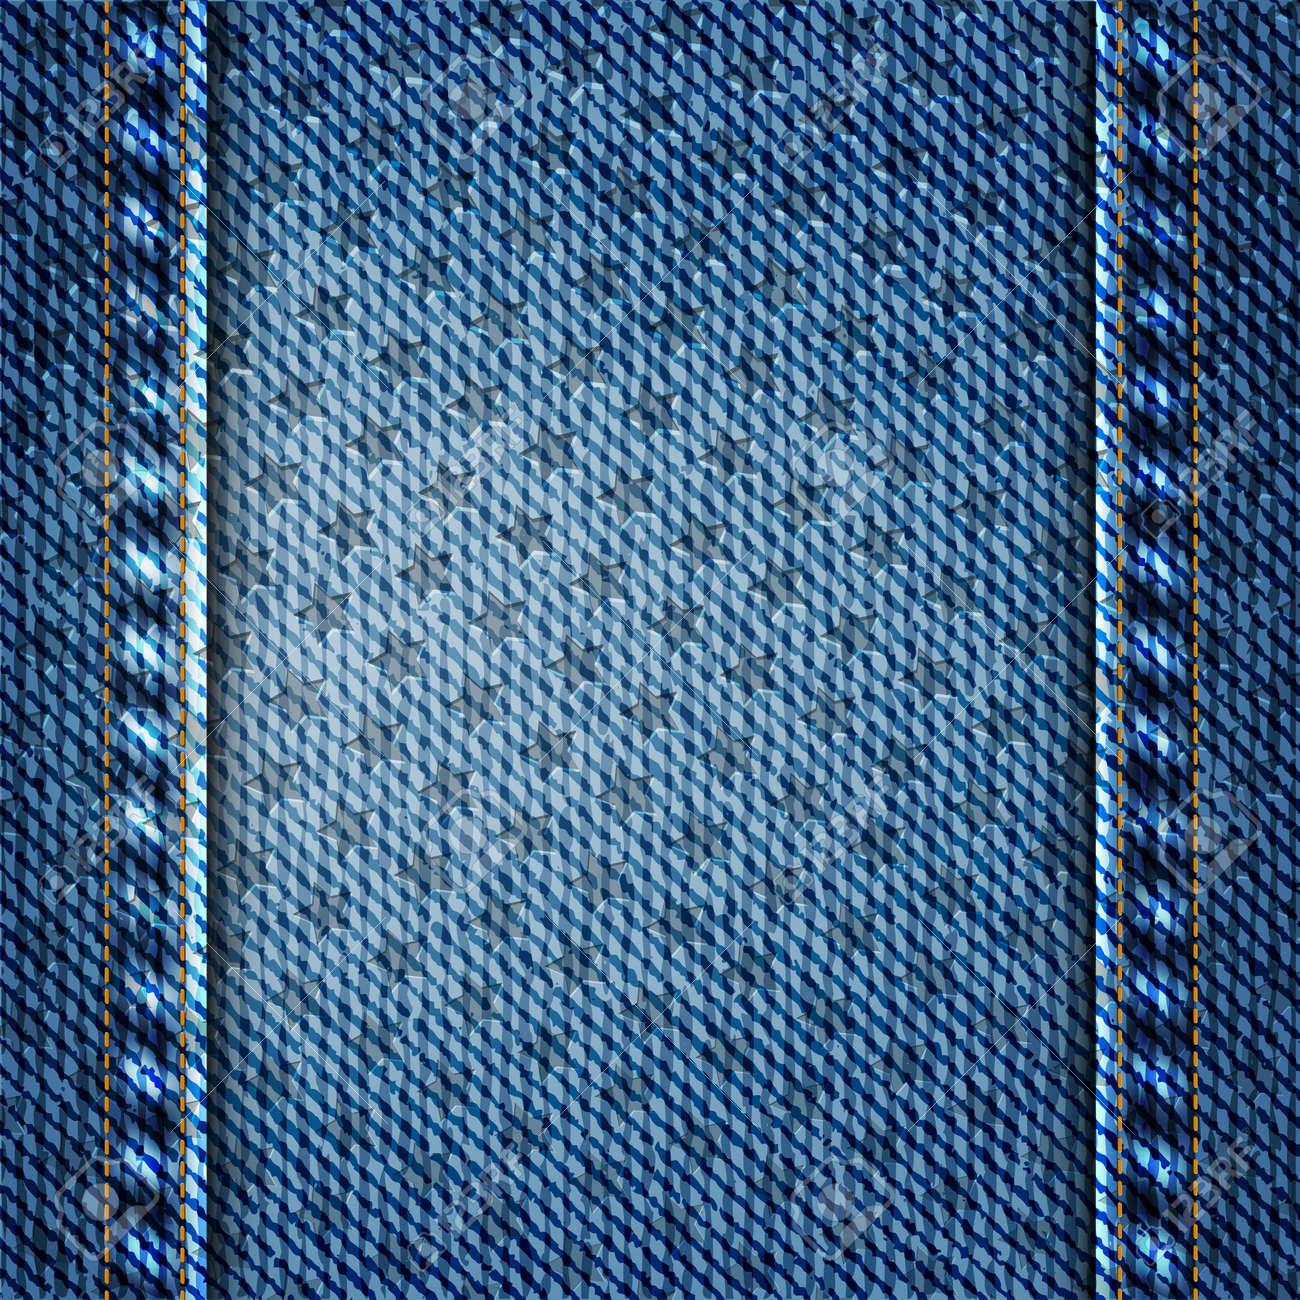 d57dce885 Textura de la mezclilla azul con la ilustración de estrellas de vectores de  fondo.